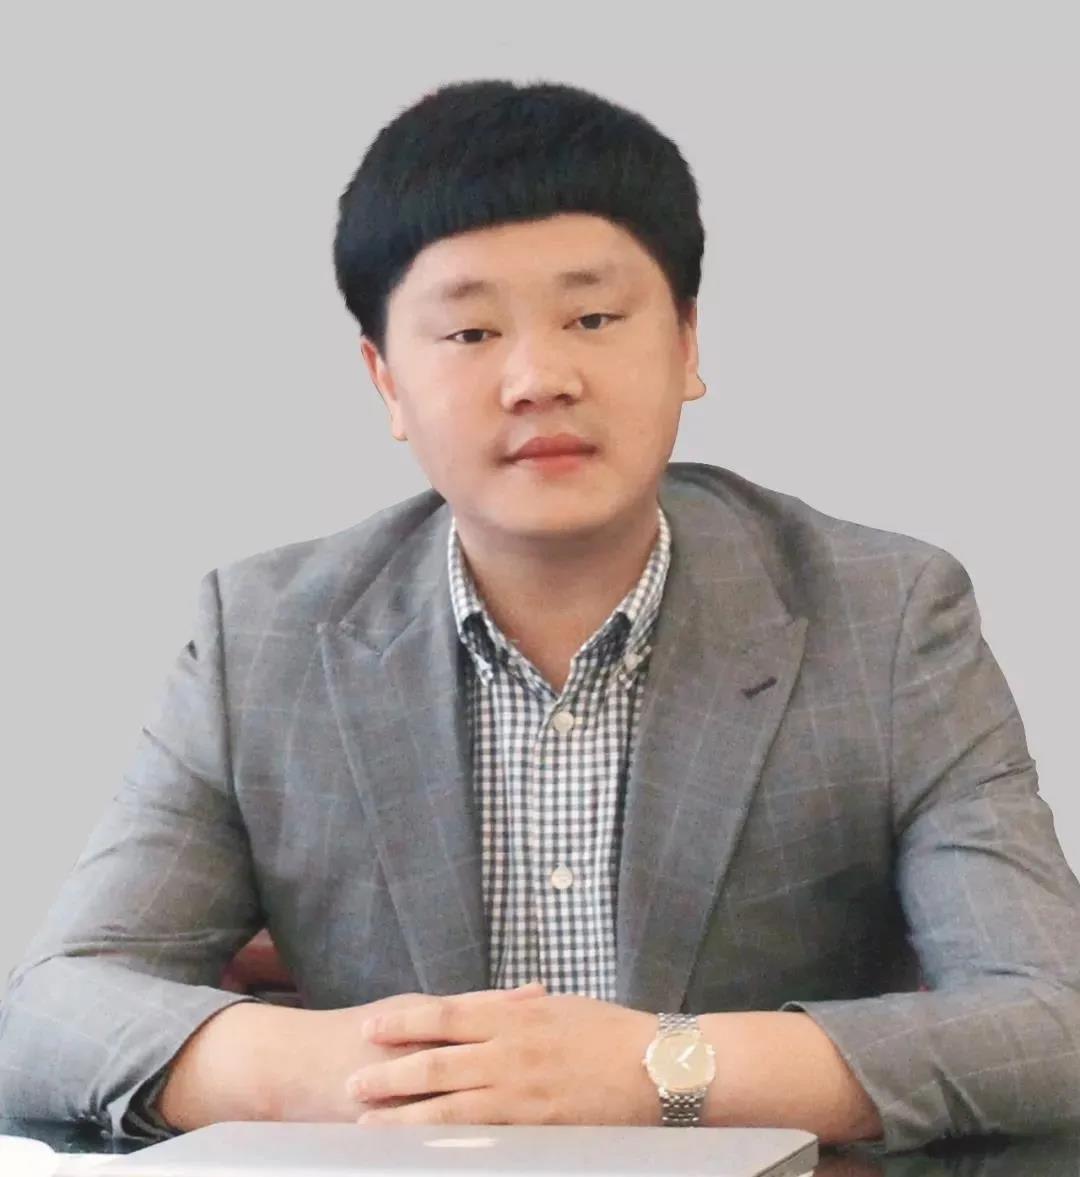 【北京kok平台新用户送彩金企业kok登录】2020年3月20日星期五(庚子鼠年二月二十七)